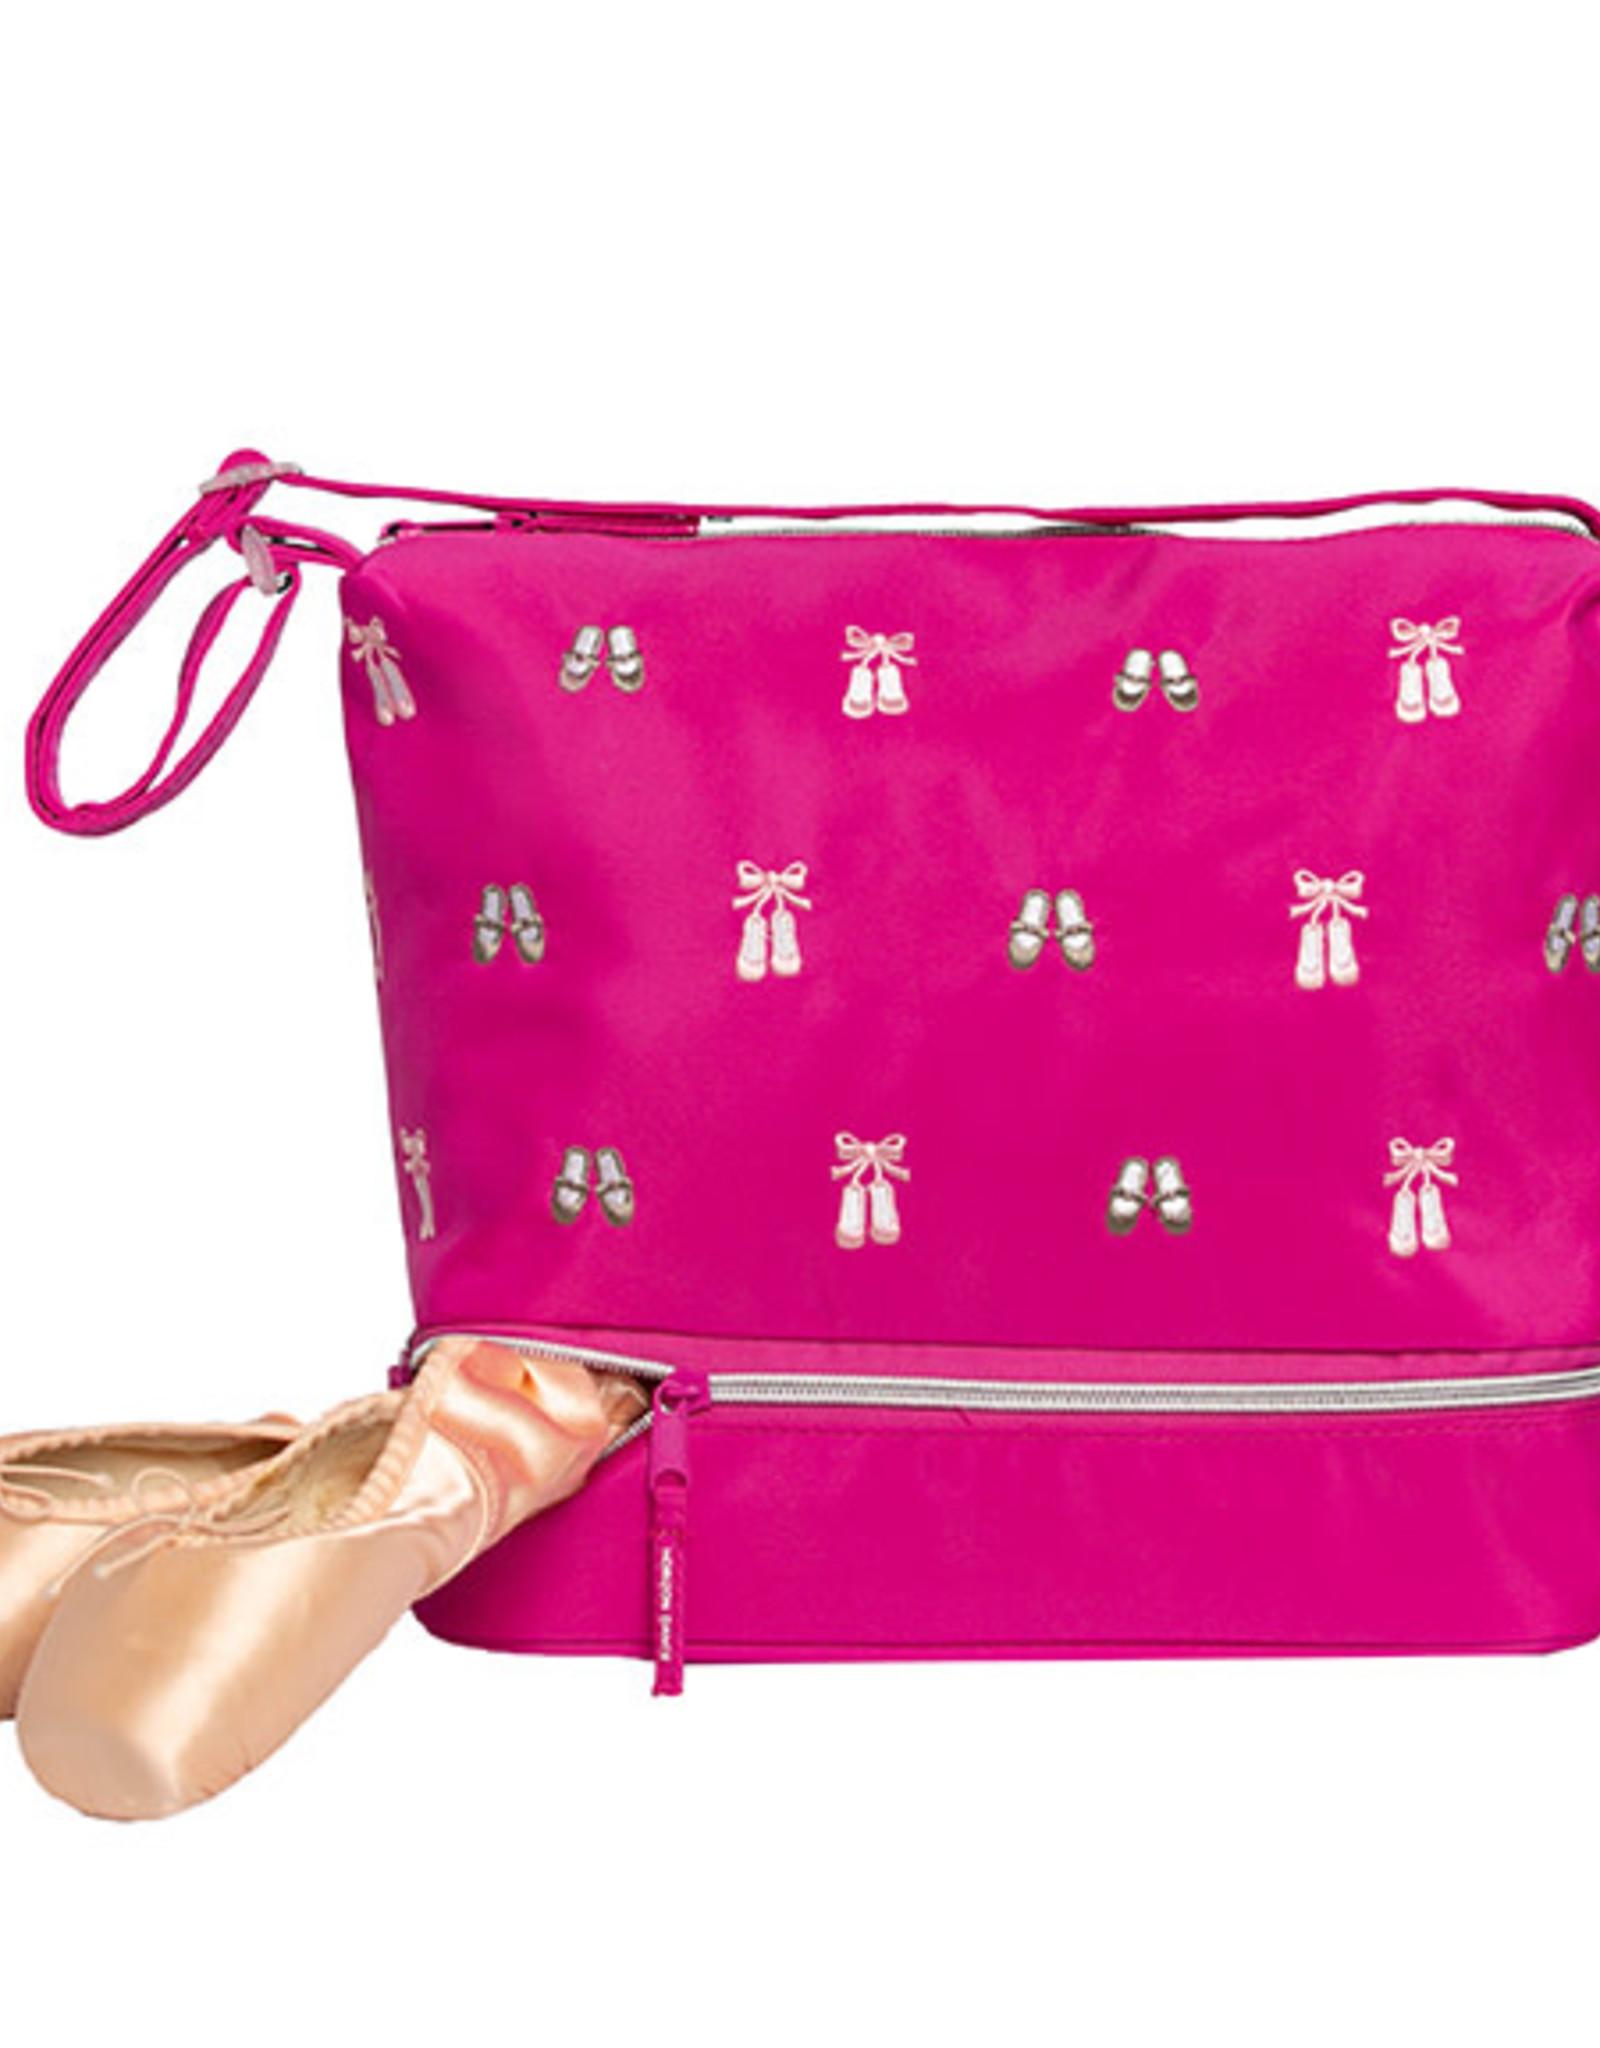 Horizon 5604- Daisy Gear Tote- pink